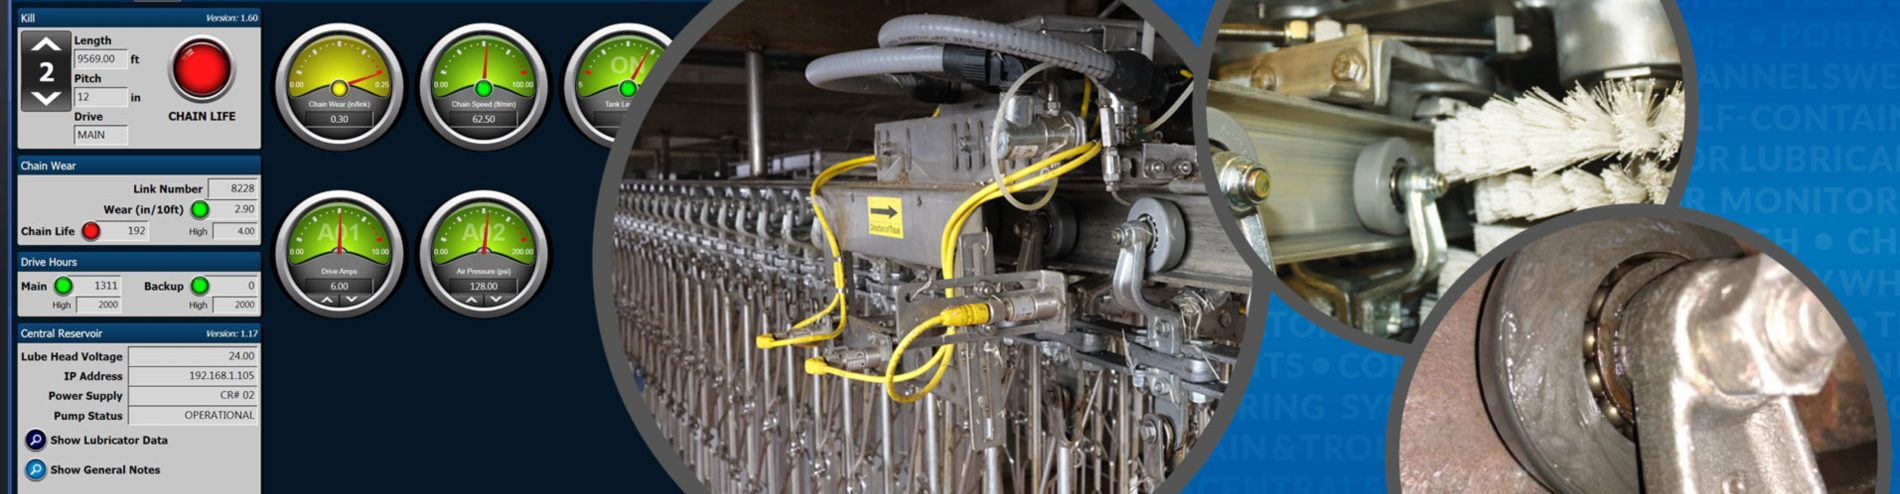 sistemas de lubricación y monitoreo de transportadores y cepillos de limpieza de transportadores para transportadores en plantas de procesamiento de alimentos